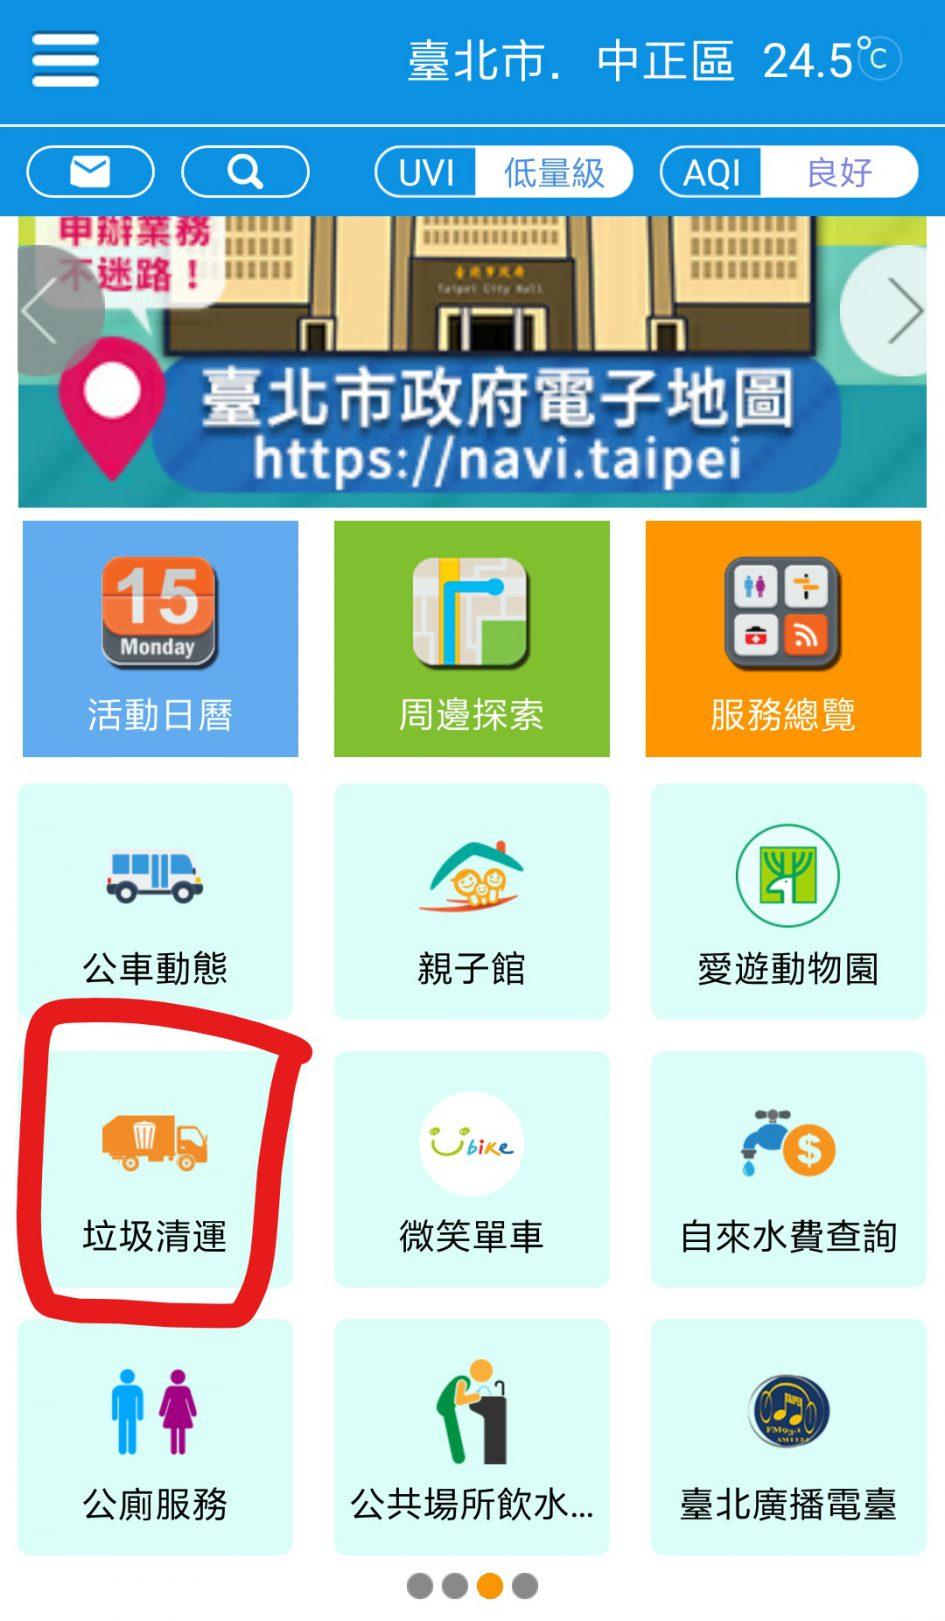 愛台北APP首頁畫面